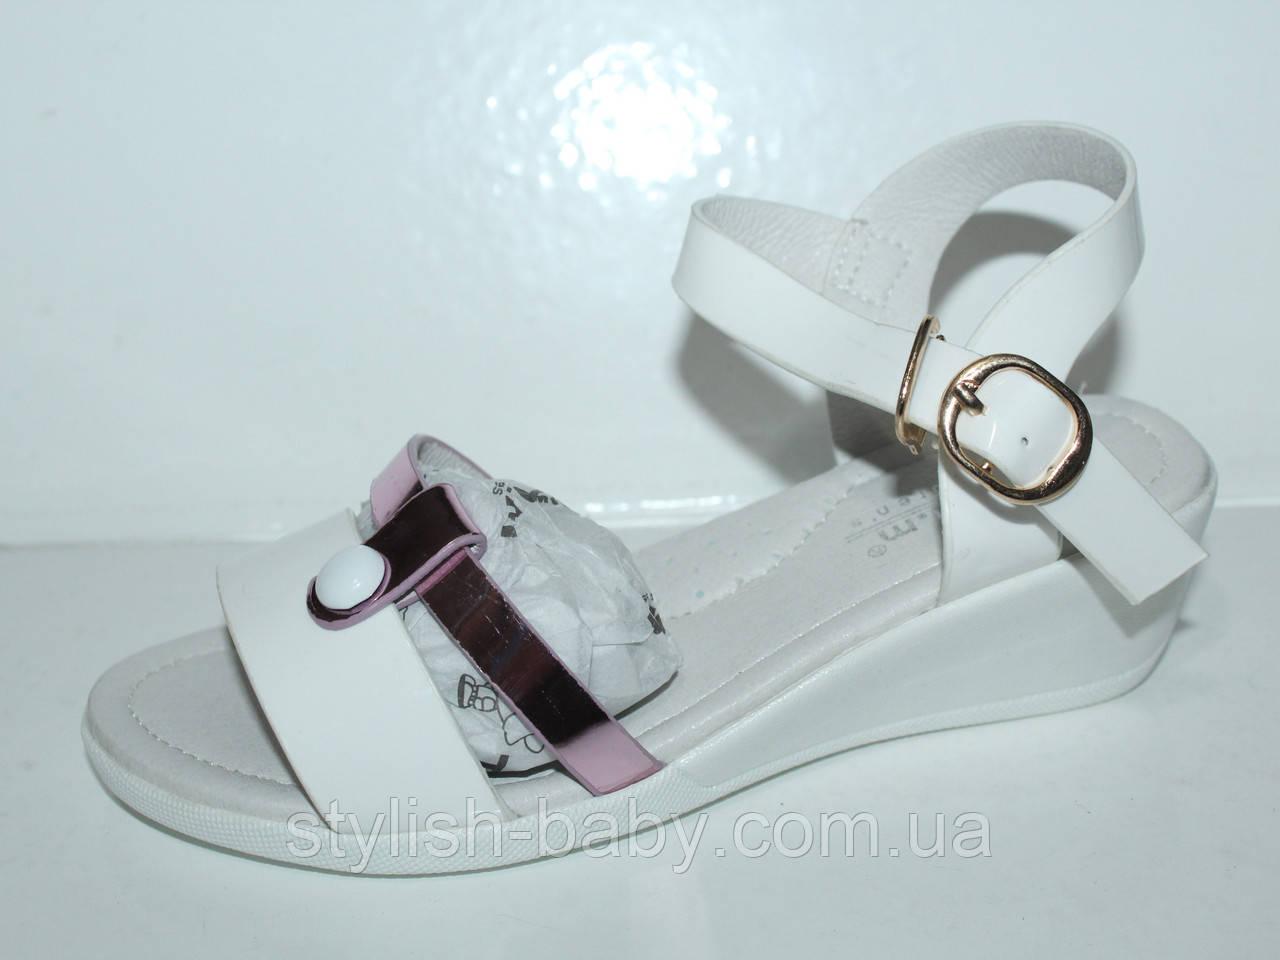 Нарядная обувь. Детские босоножки бренда Tom.m для девочек (рр. с 31 по 36)